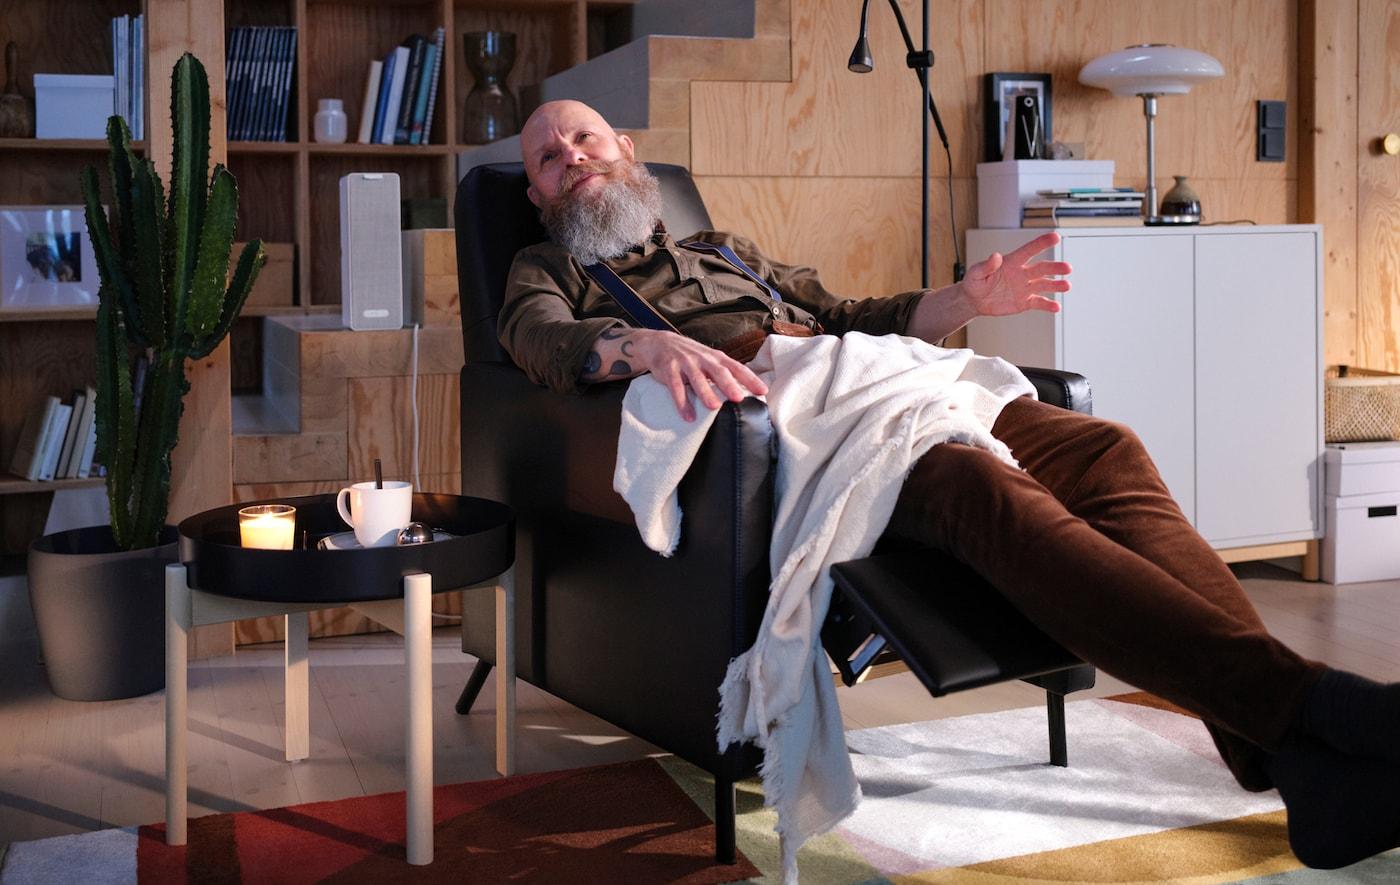 Un home, apoltronado e cuberto por unha manta nunha cadeira de brazos reclinable GISTAD de cor negra, escoita música nun altofalante wifi SYMFONISK branco.